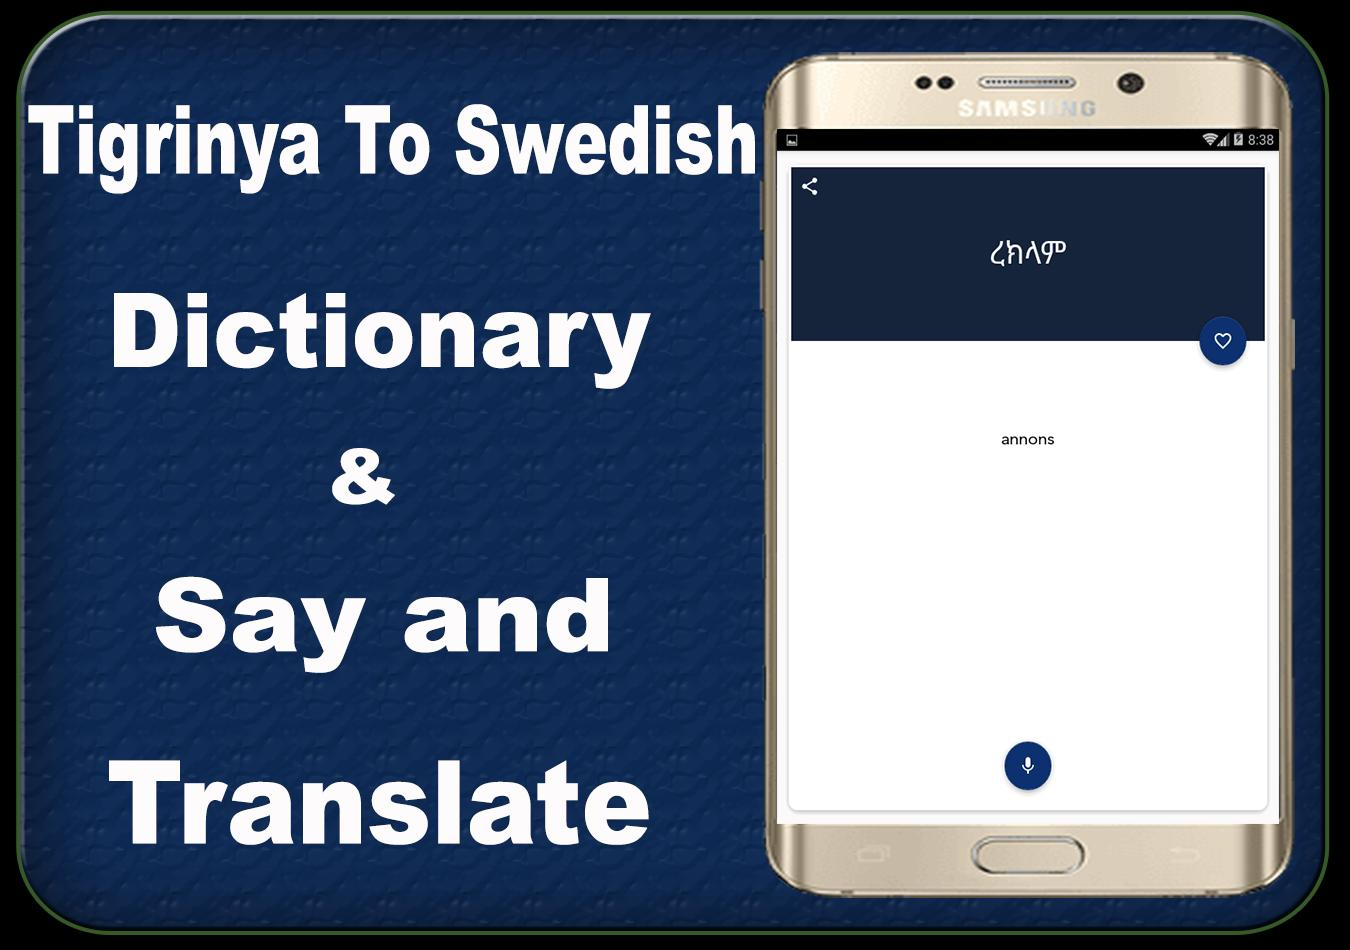 svensk ordbok online gratis